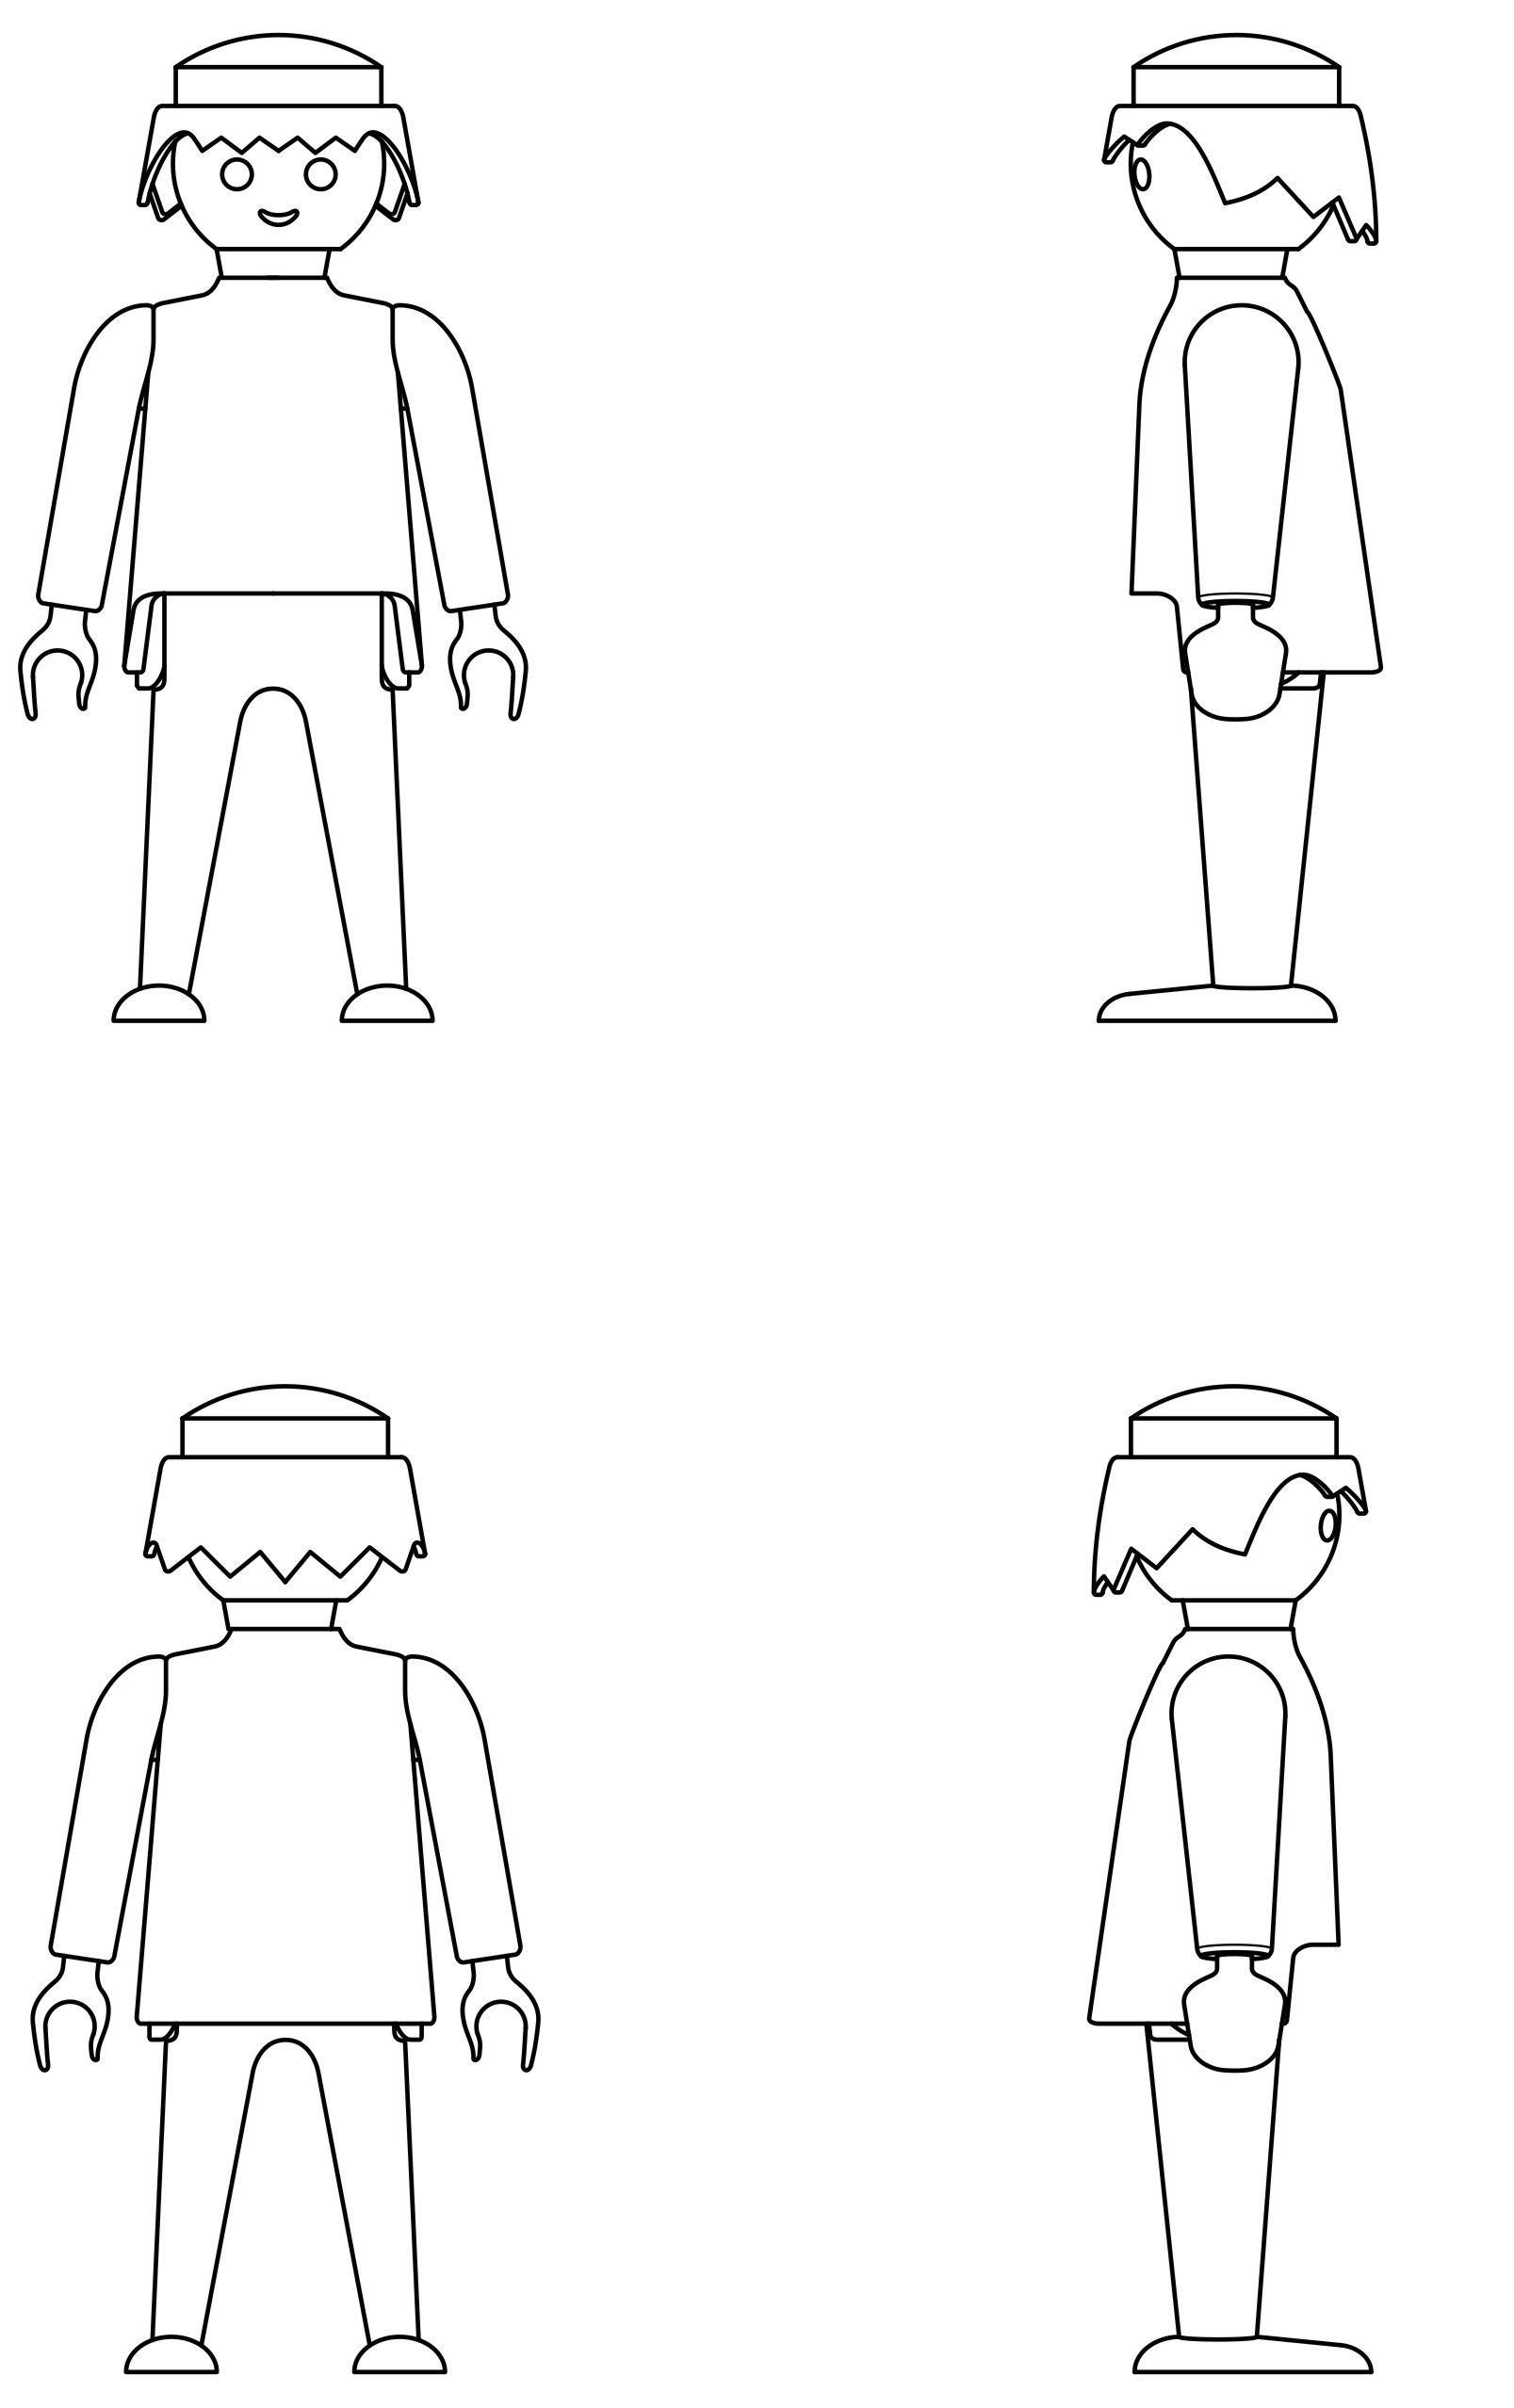 Coloriage imprimer personnages c l bres playmobil - Playmobil coloriage ...